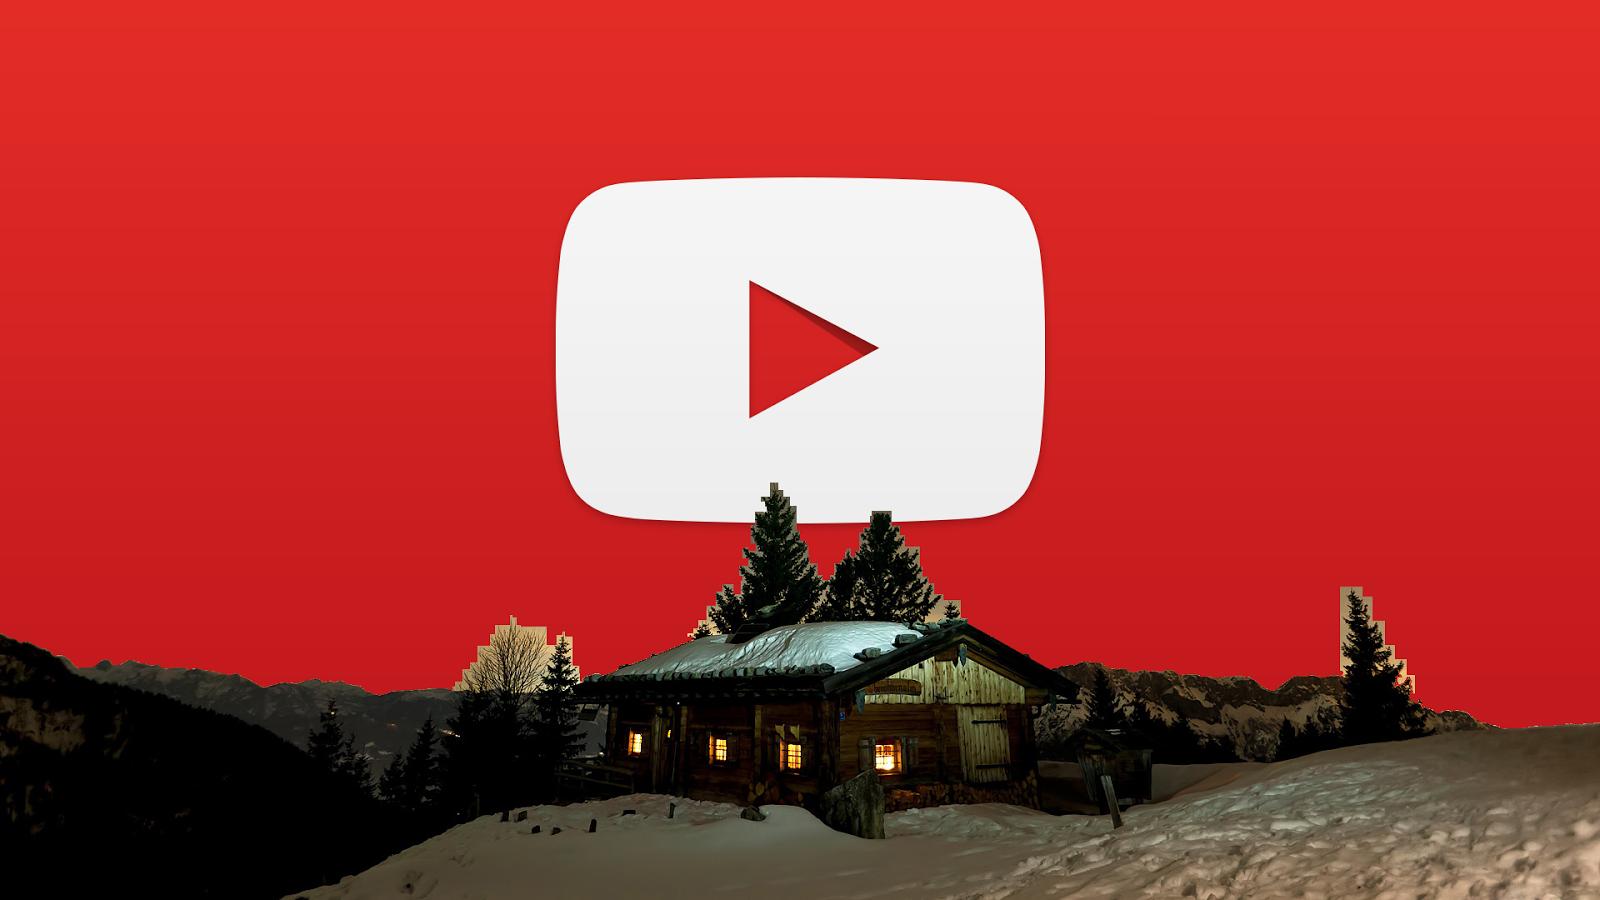 Youtube reklam birimini kaldırıyor